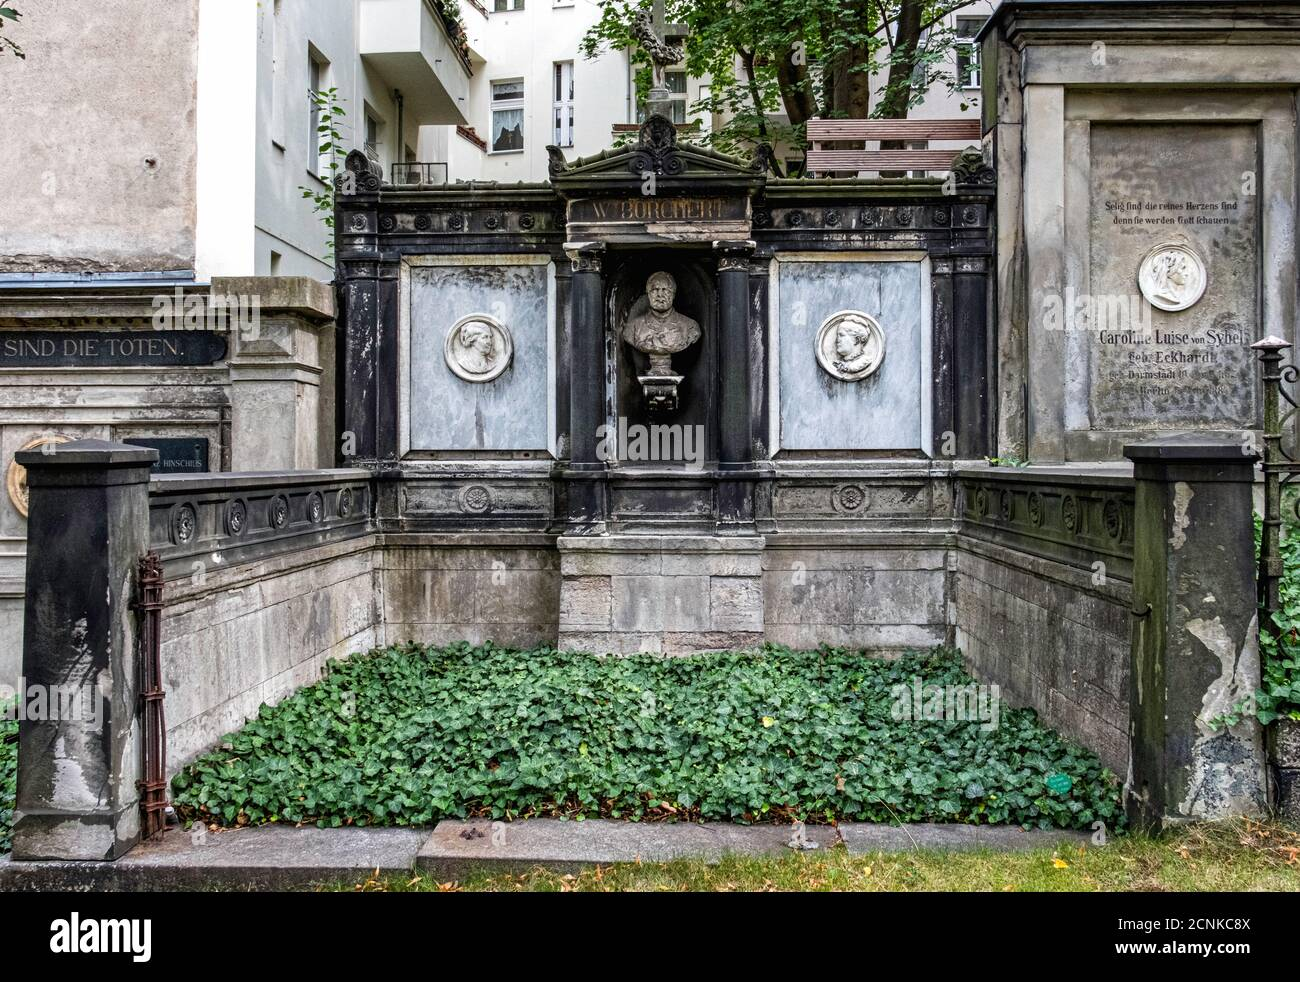 Alter St. Matthäus Kirchhof .Old Saint Matthew's Cemetery,Schöneberg-Berlin Stock Photo